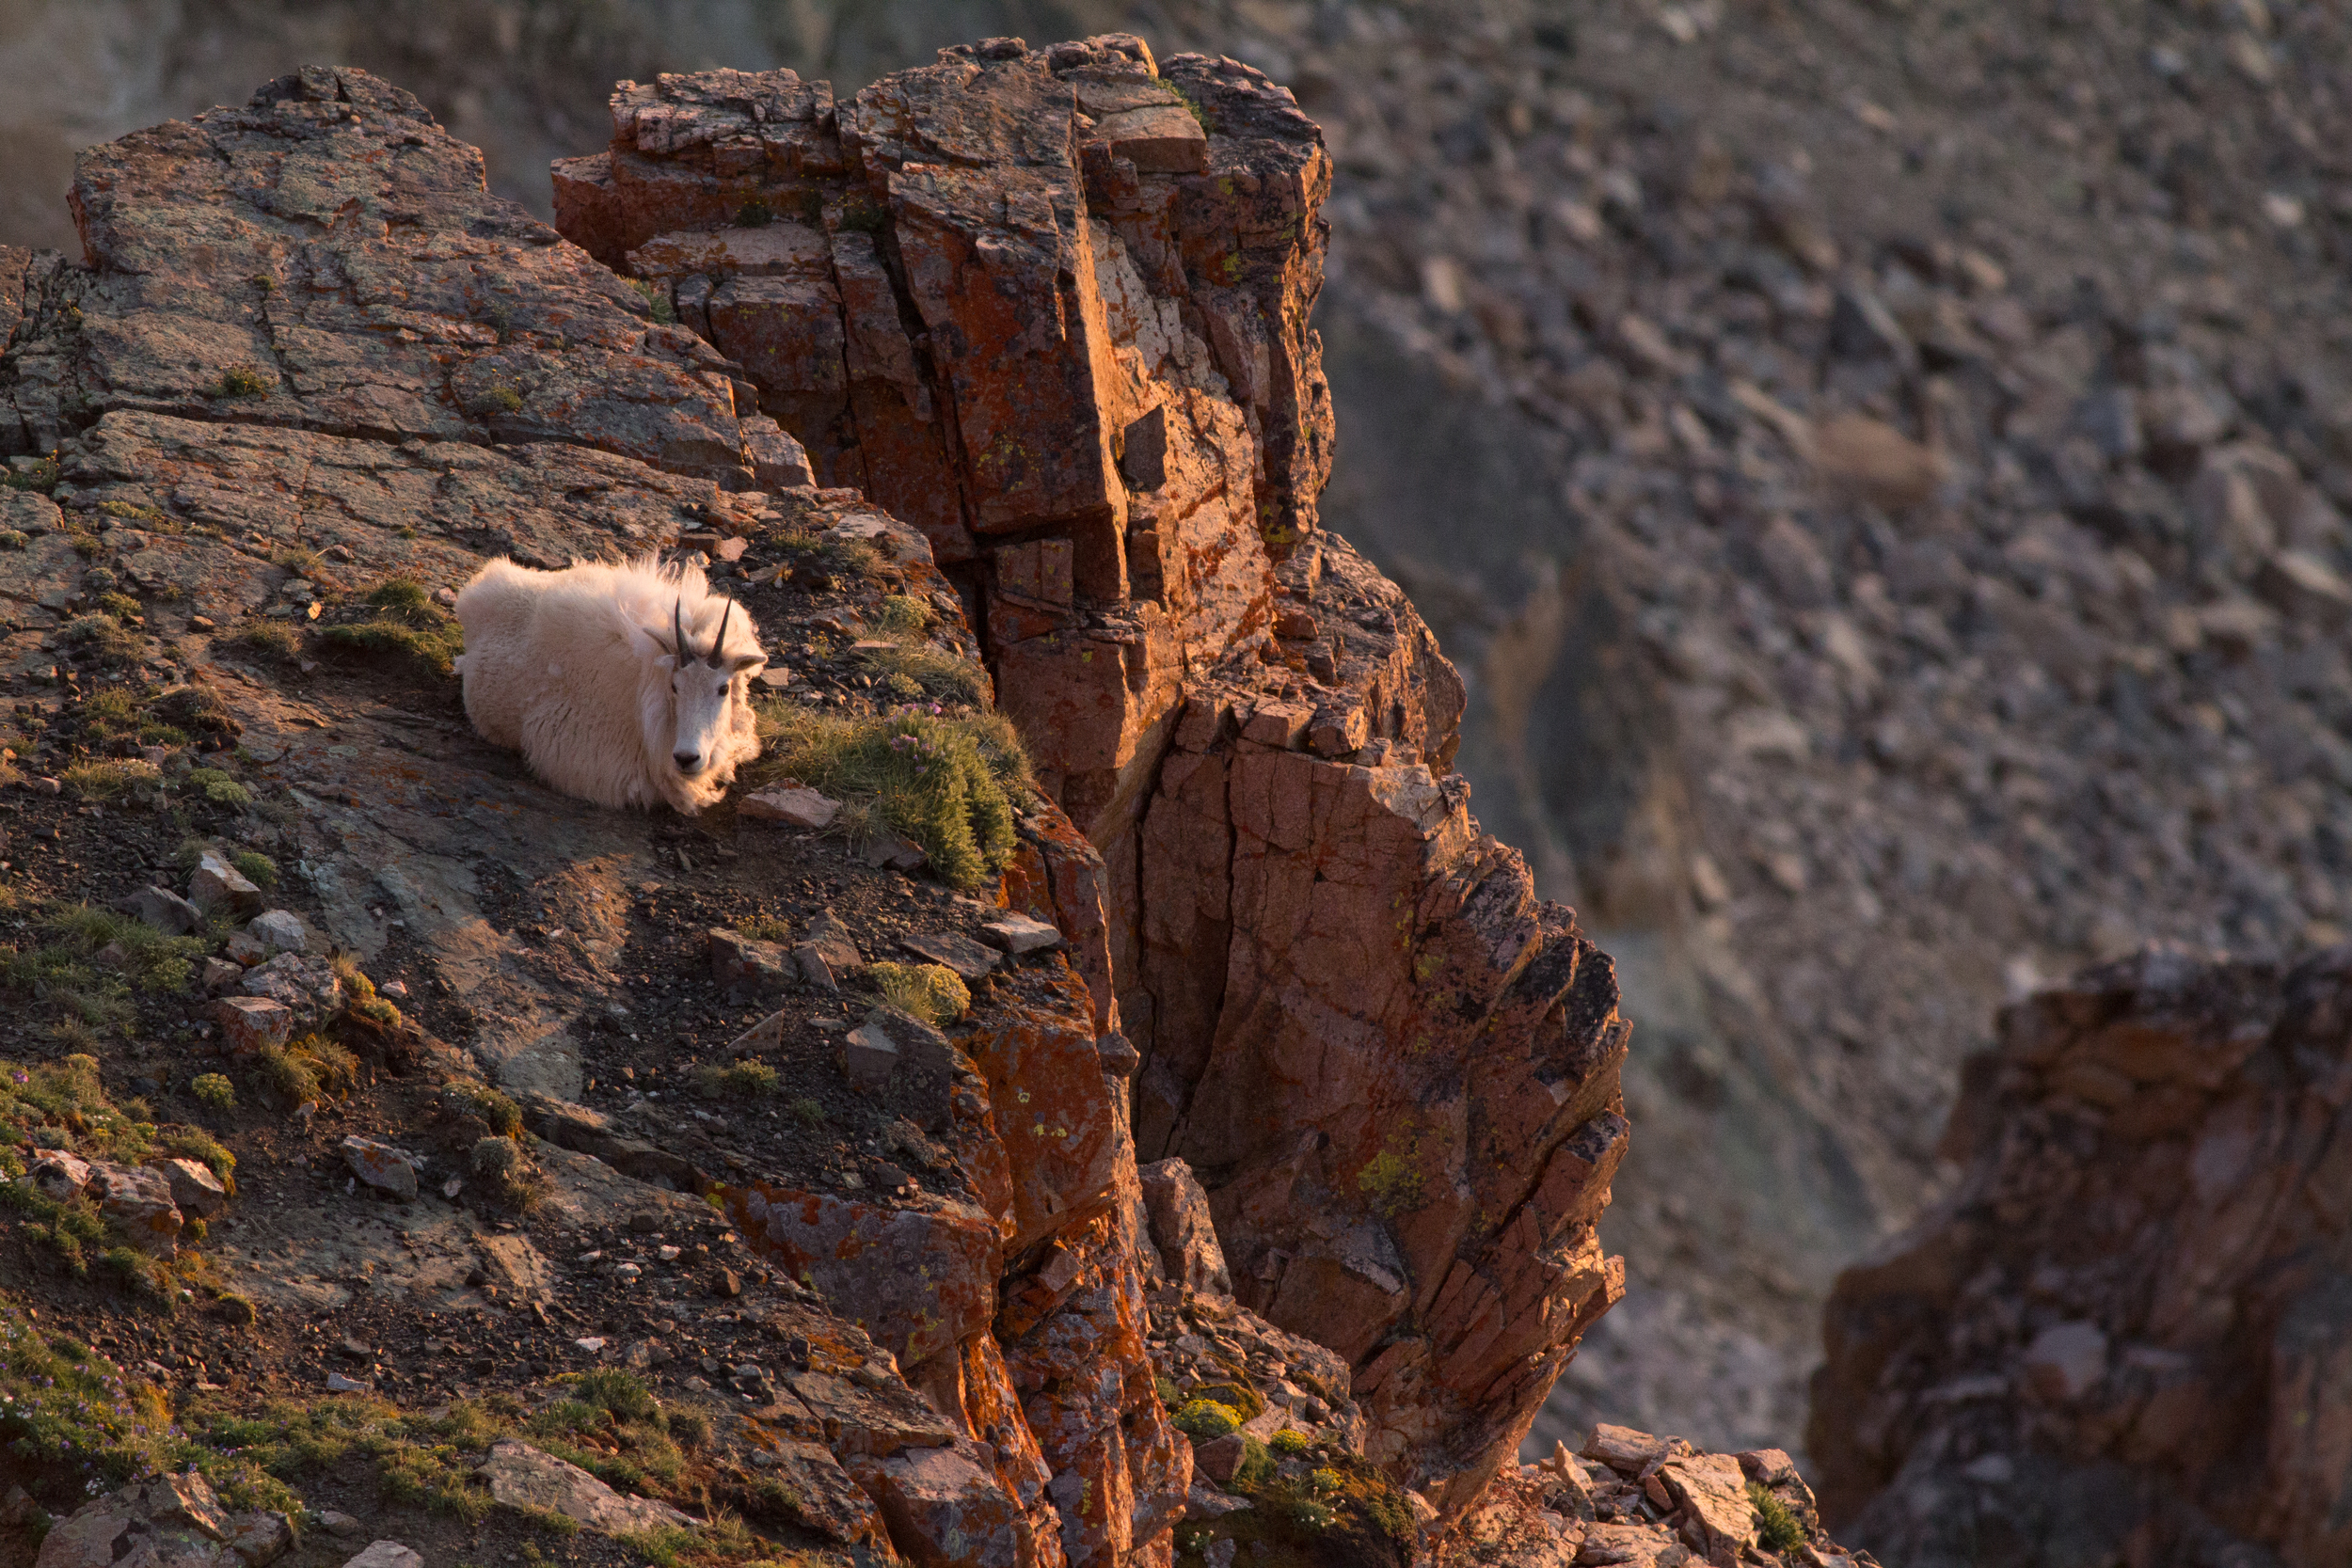 Mountain Goat, Beartooth Wilderness